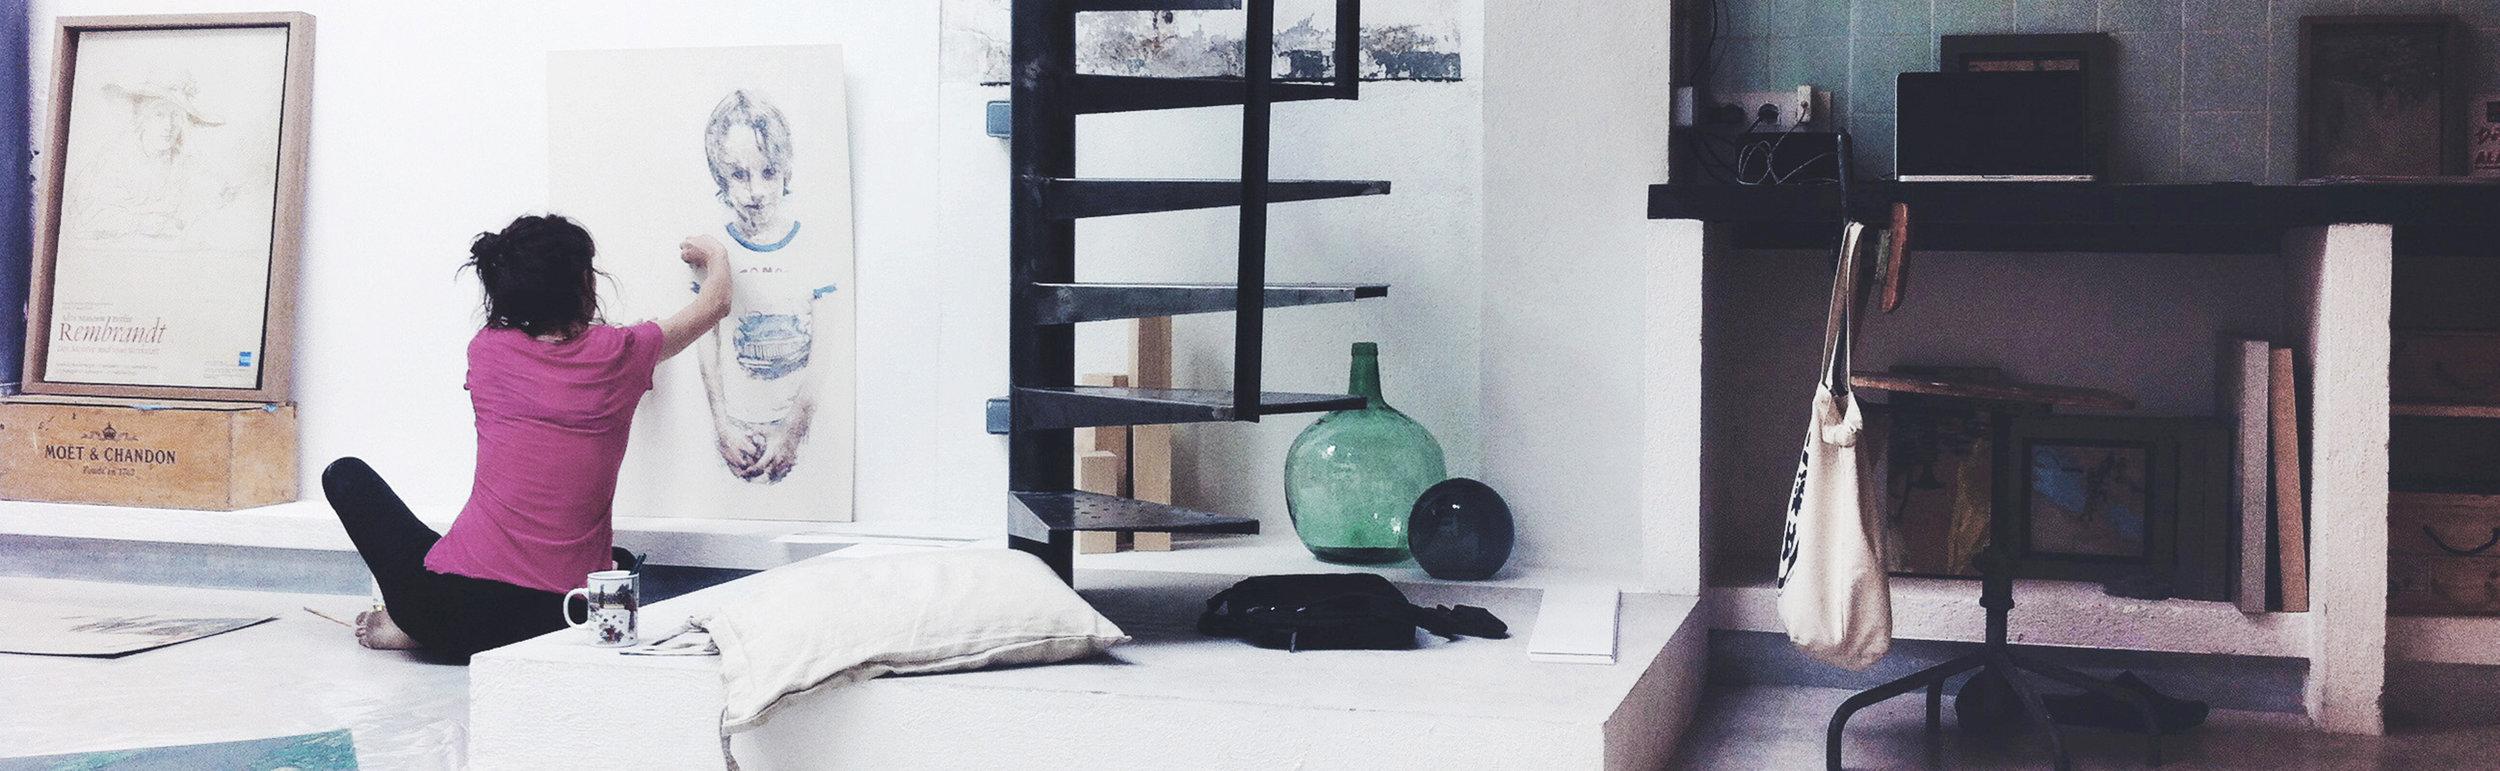 Marta Lafuente in her Barcelona studio